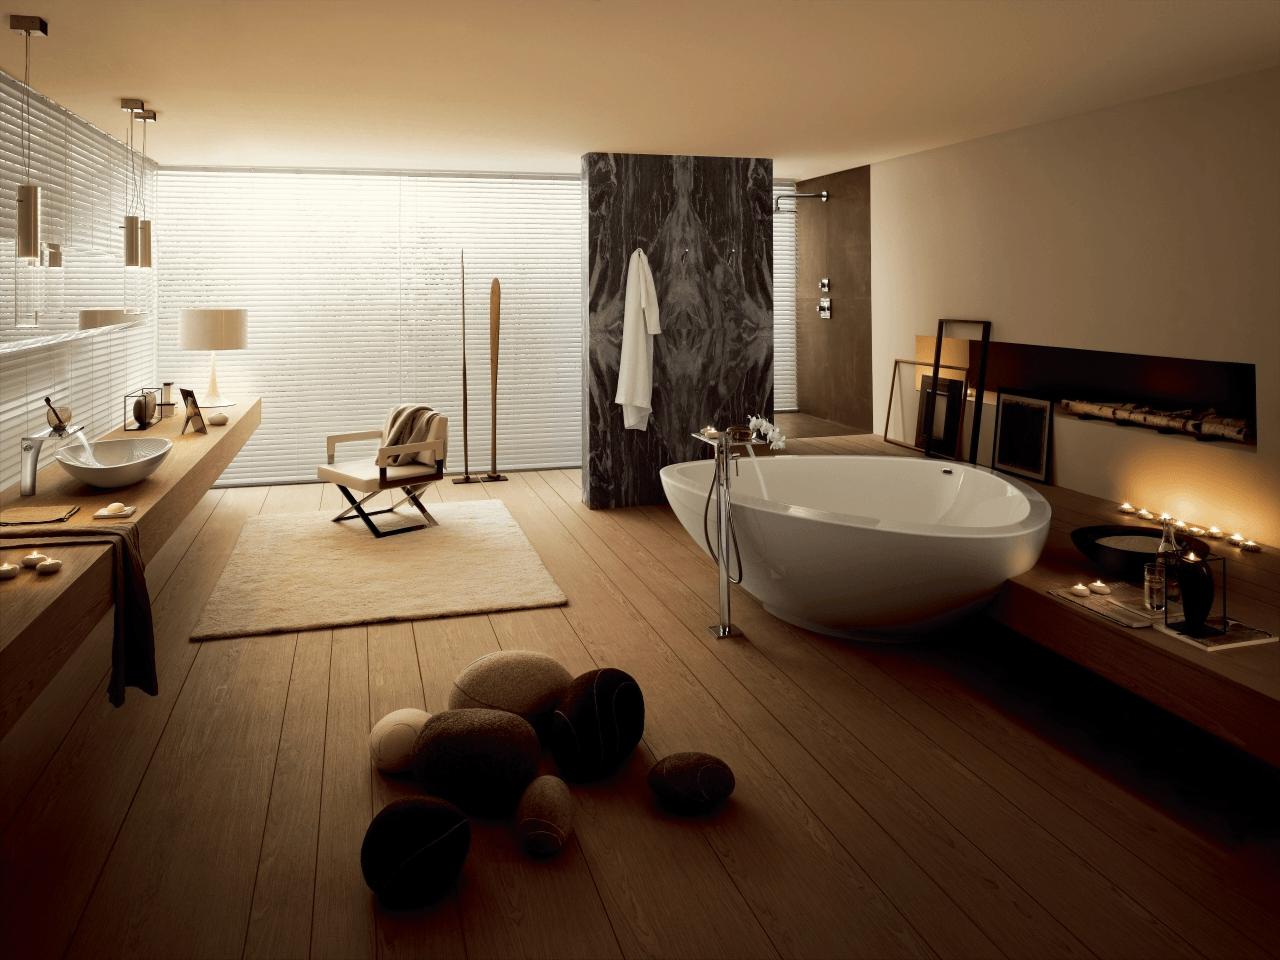 Moderne Badkamer met houten vloer en met een groot bad